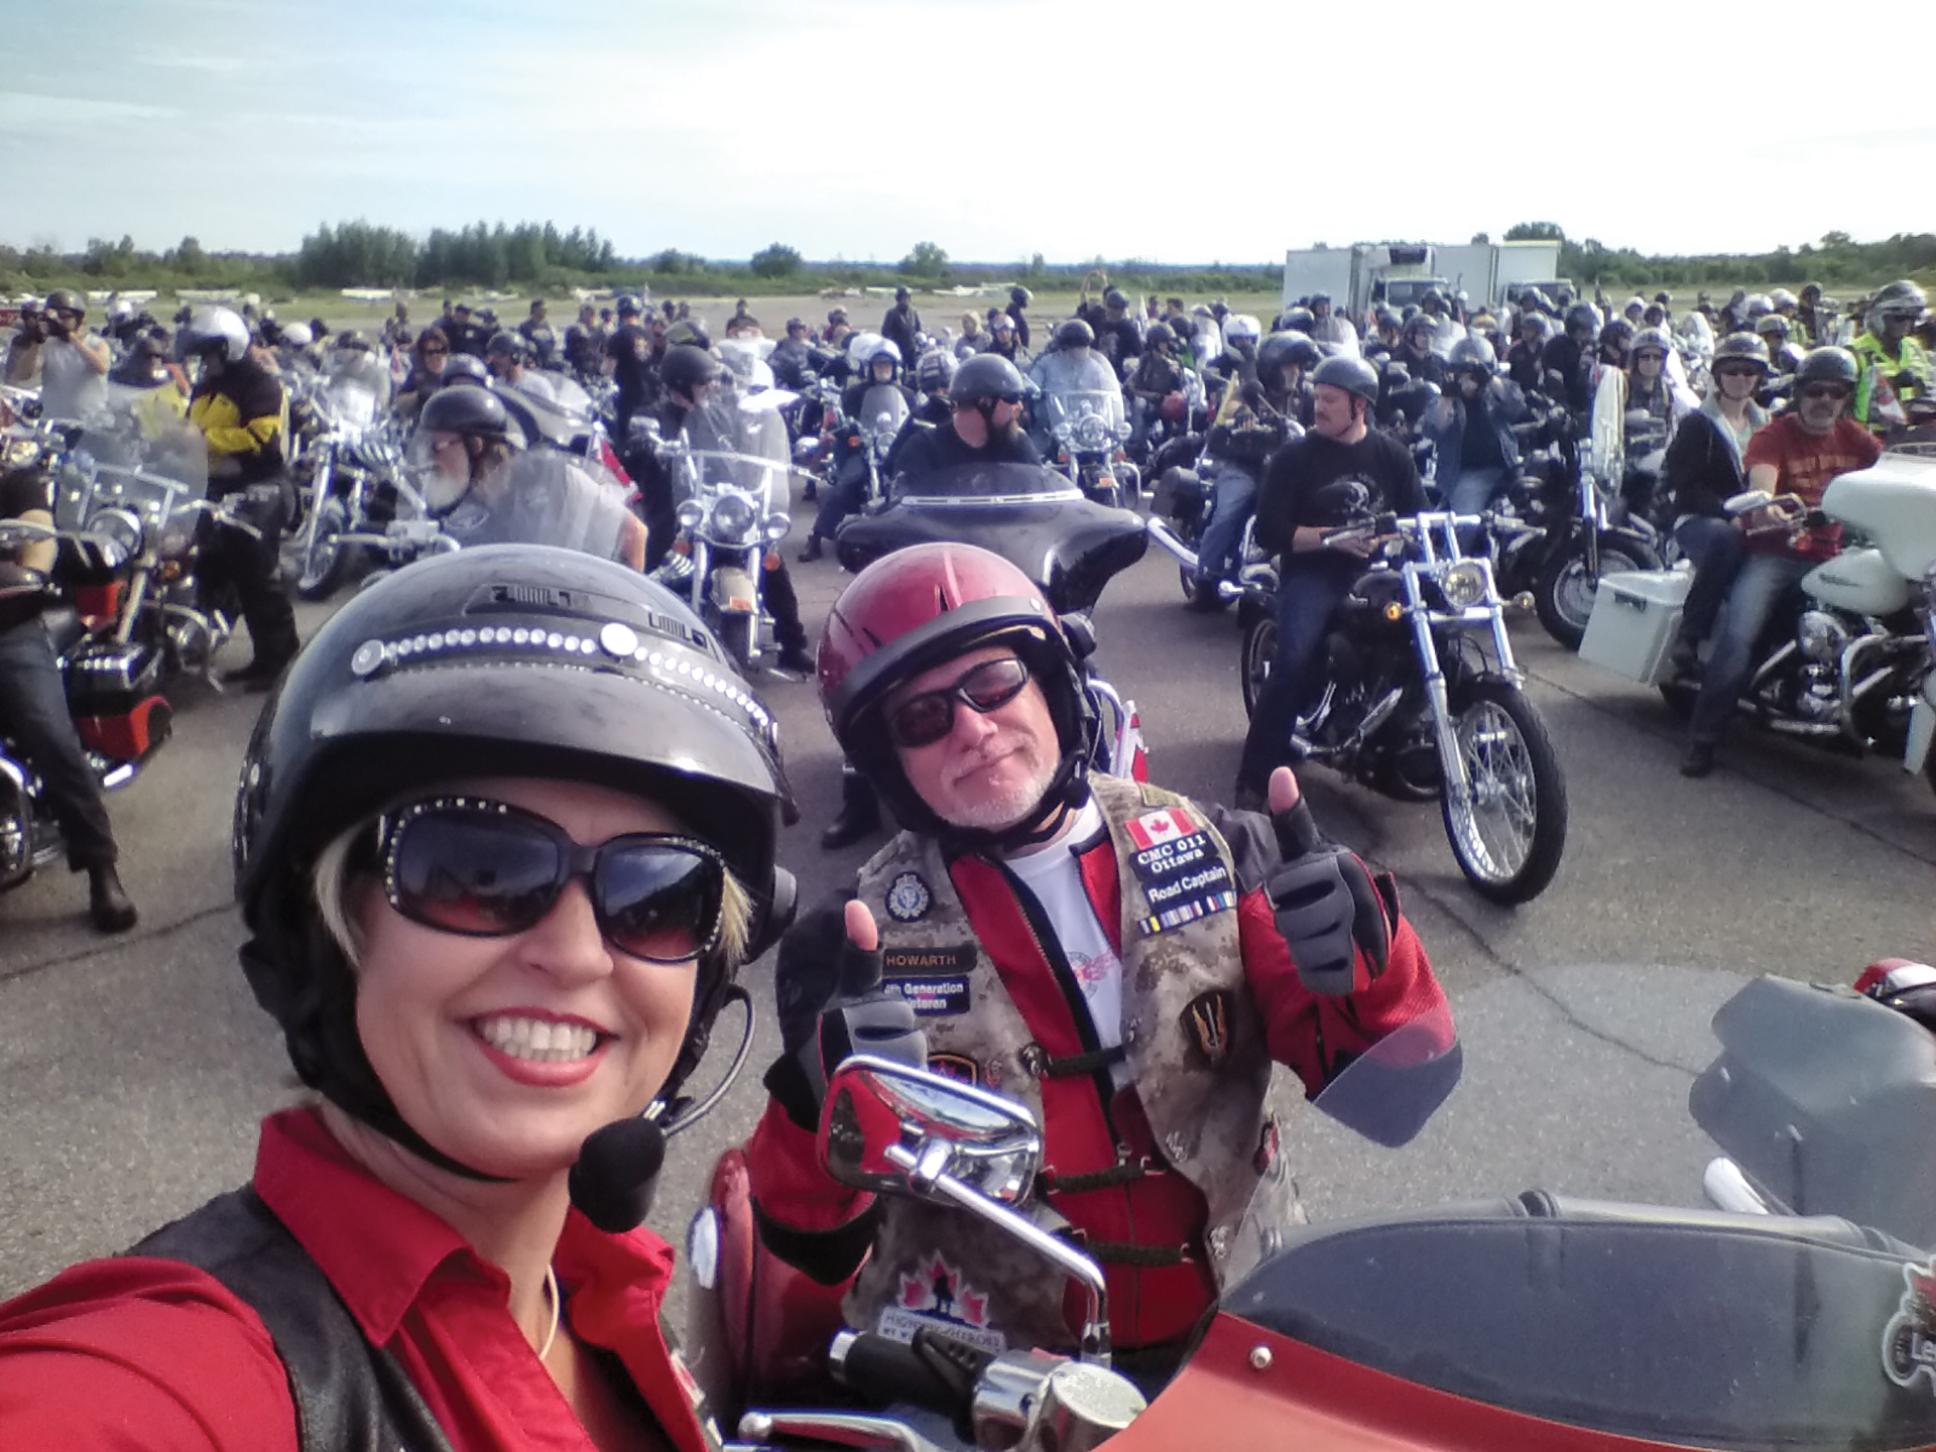 Riding to raise awareness